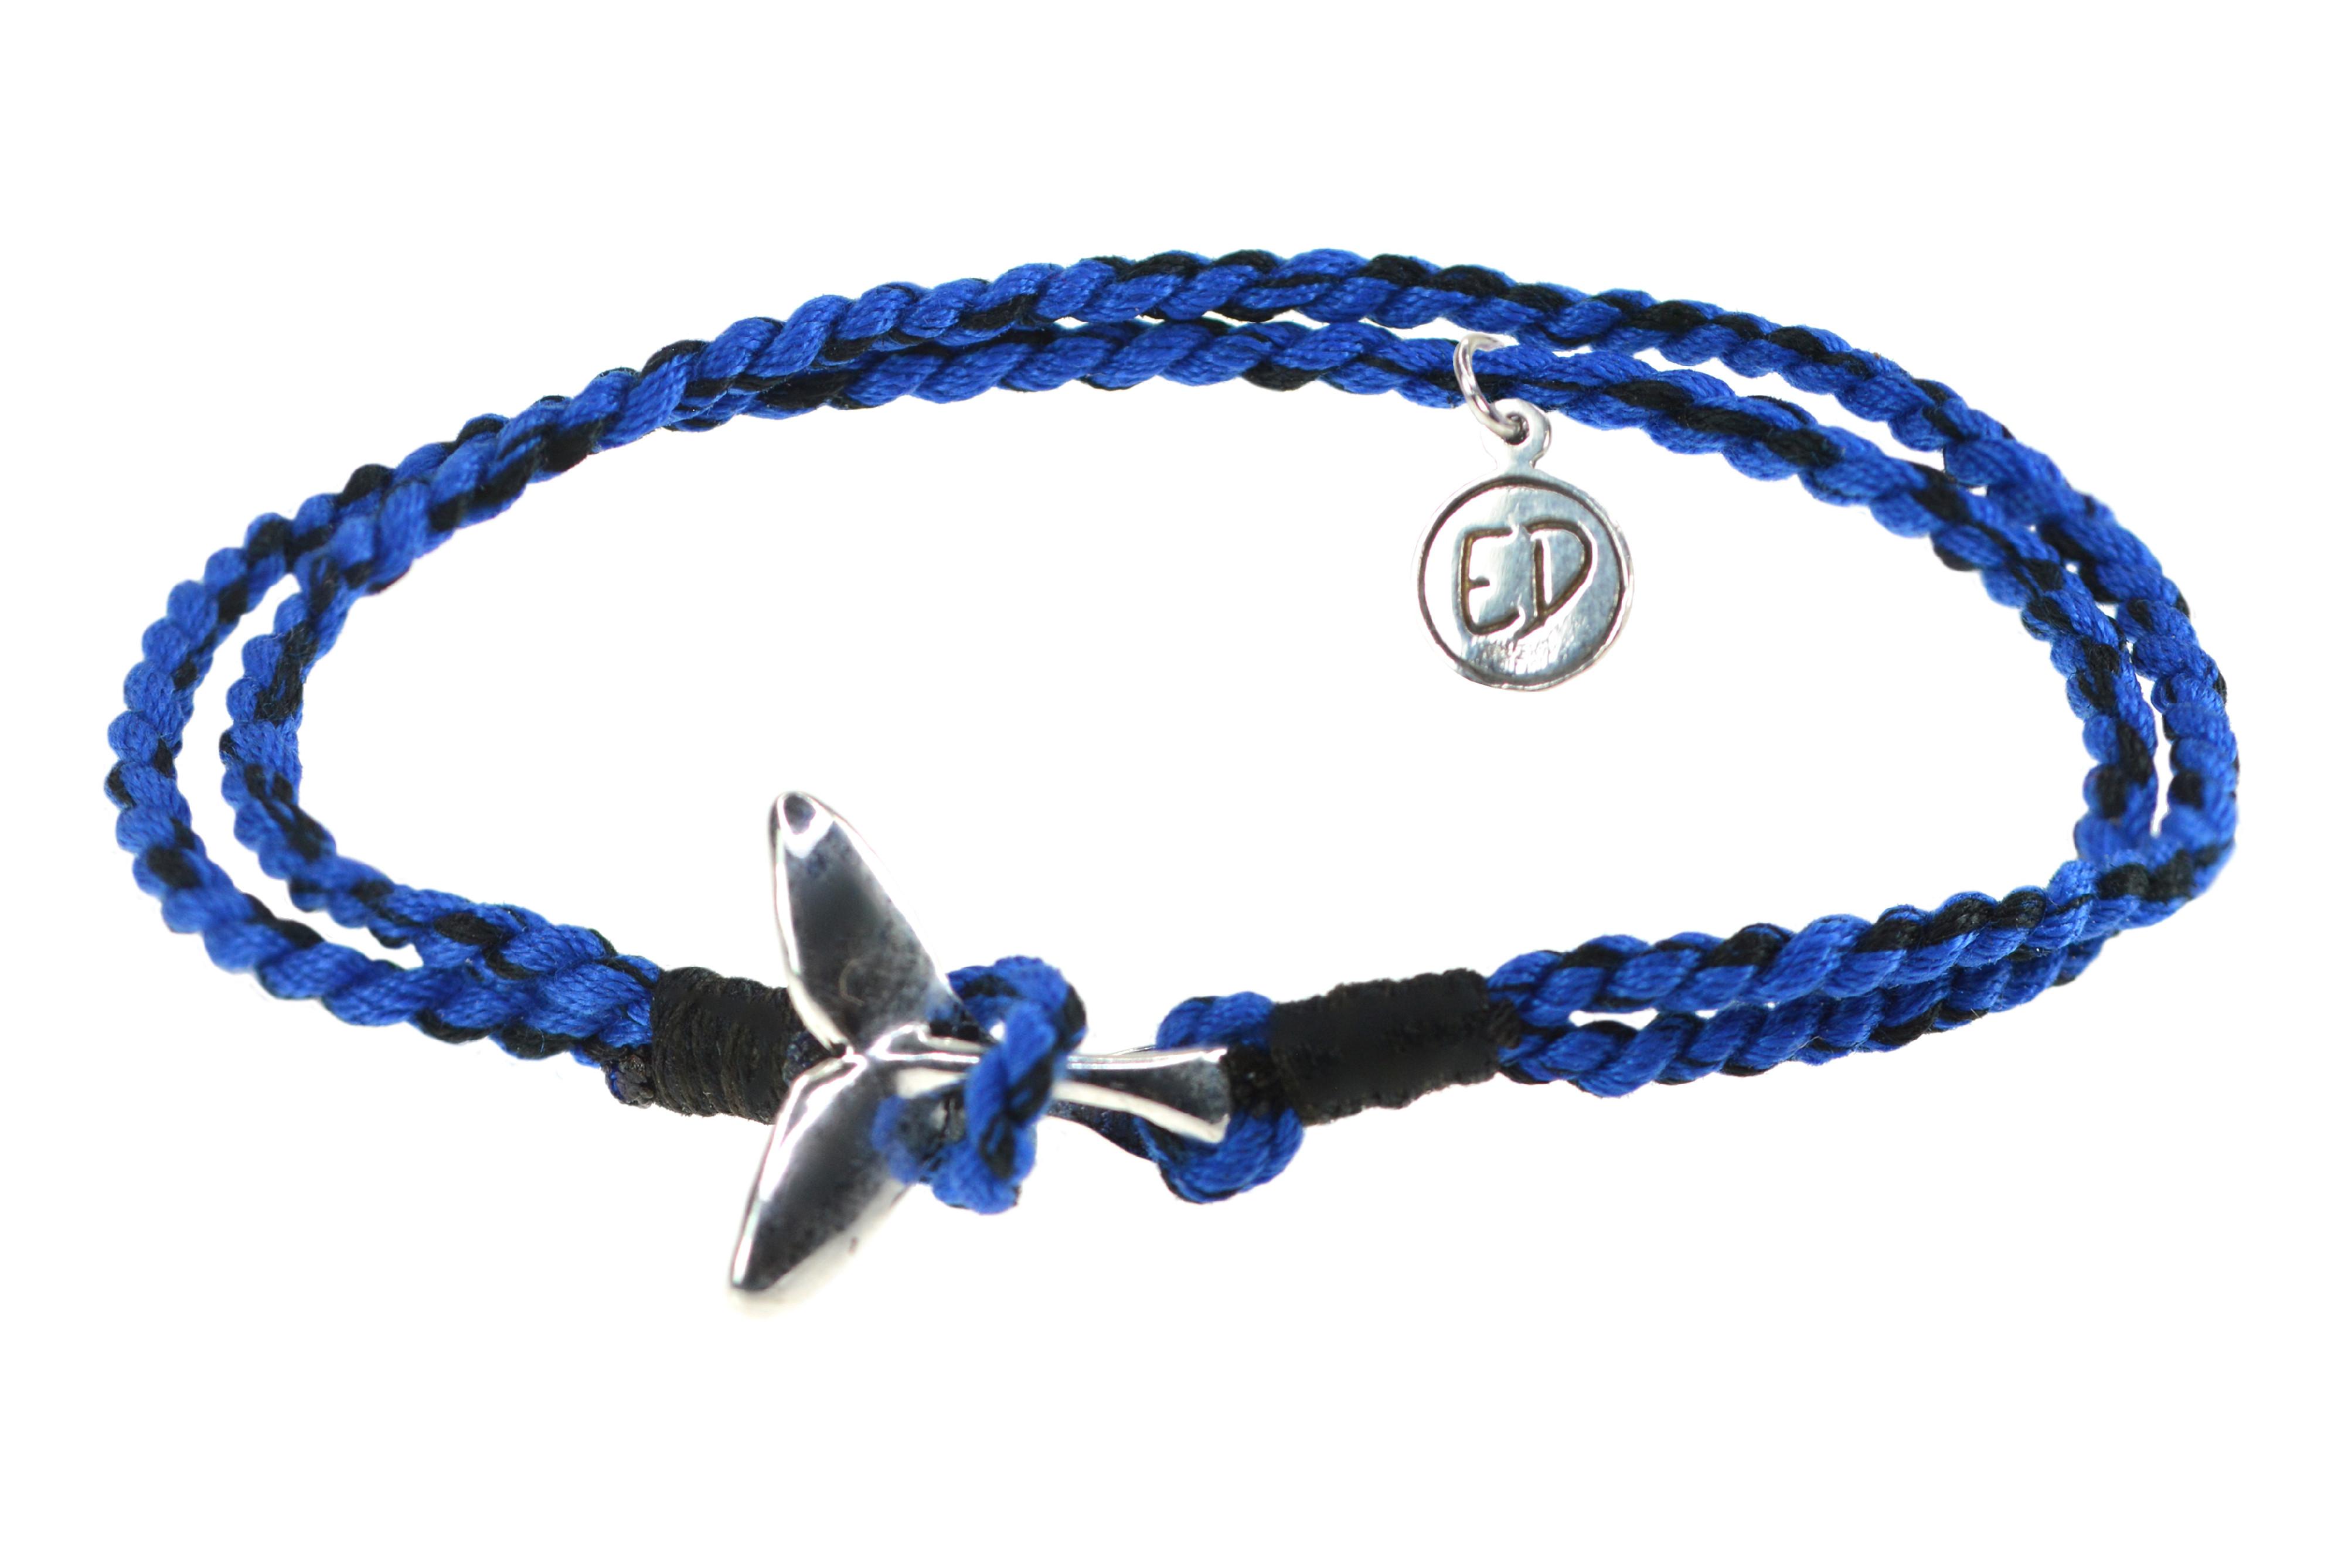 Pánsky prírodný náramok s motívom veľryba - modrý